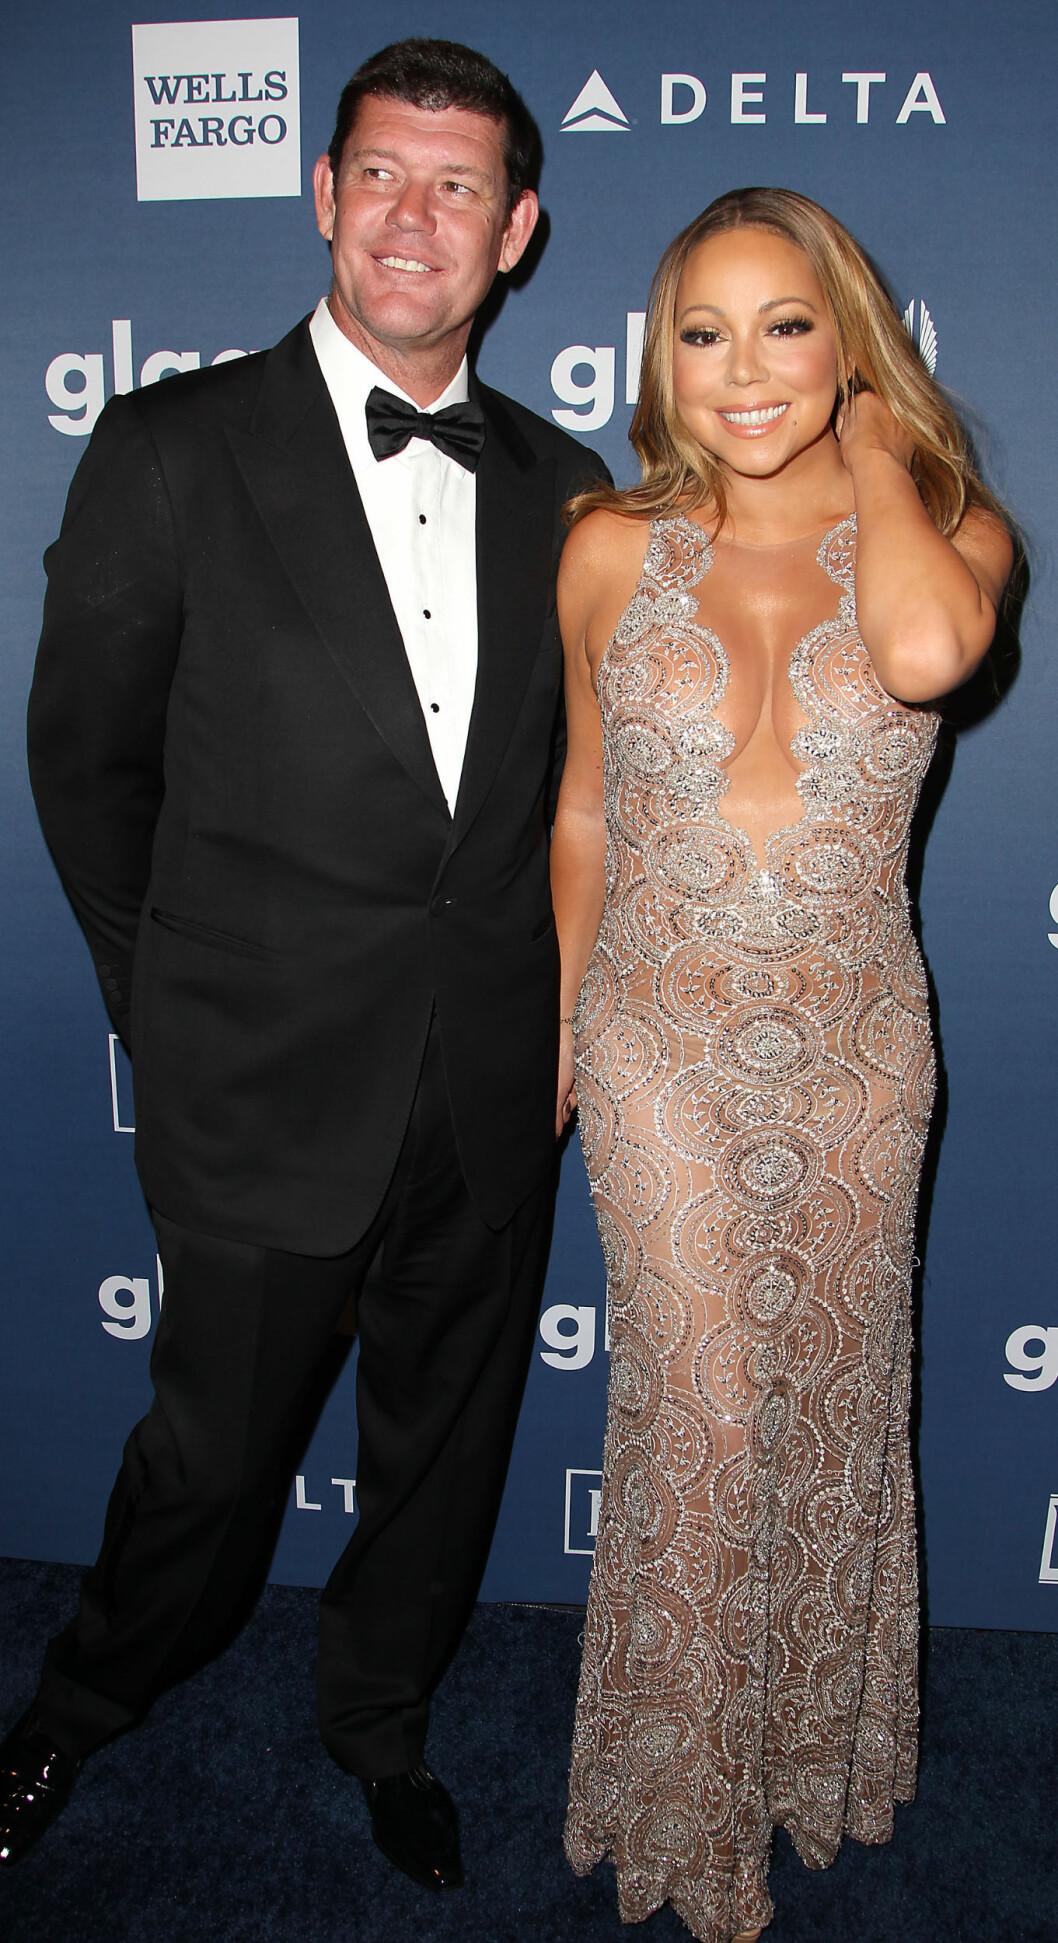 <strong>BRUDD:</strong> I oktober bekreftet sanger Mariah Carey at hun hadde brutt forlovelsen med forretningsmannen og milliardæren James Packer. De fant lykken i fjor sommer.  Foto: NTB Scanpix